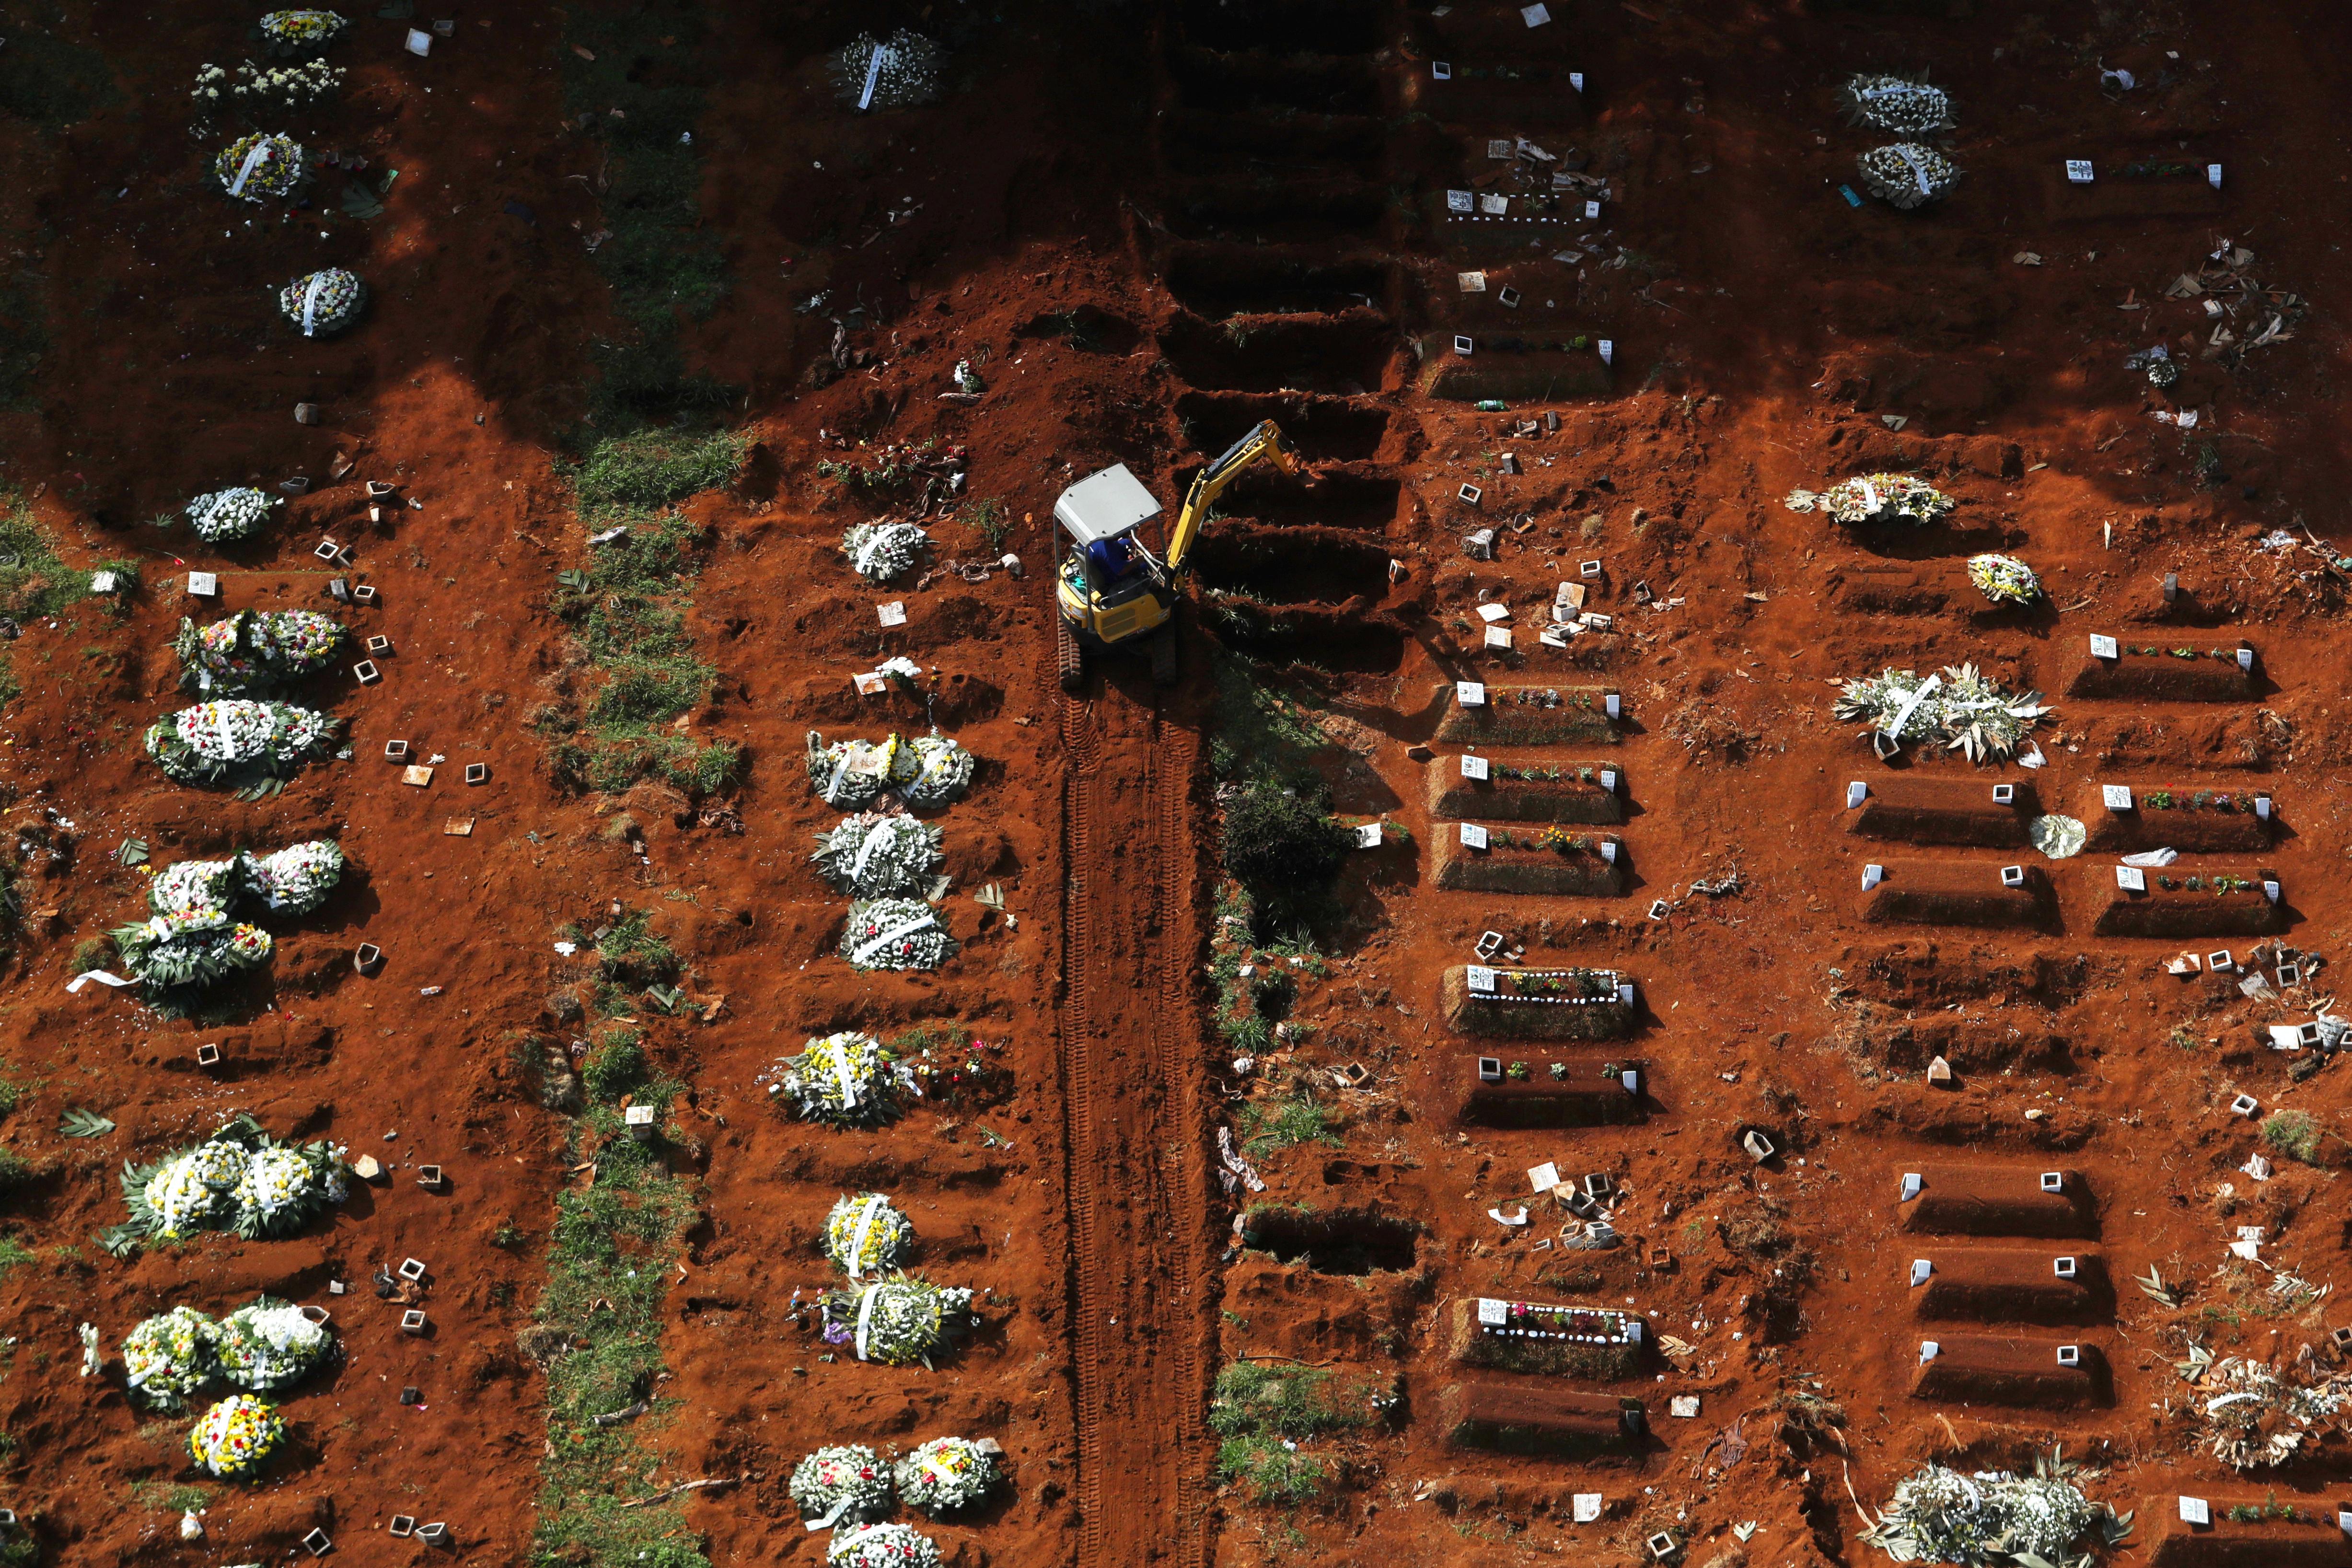 Un sepulturero abre nuevas tumbas con una excavadora a medida que aumenta el número de muertos después del brote de la enfermedad por coronavirus (Reuters)